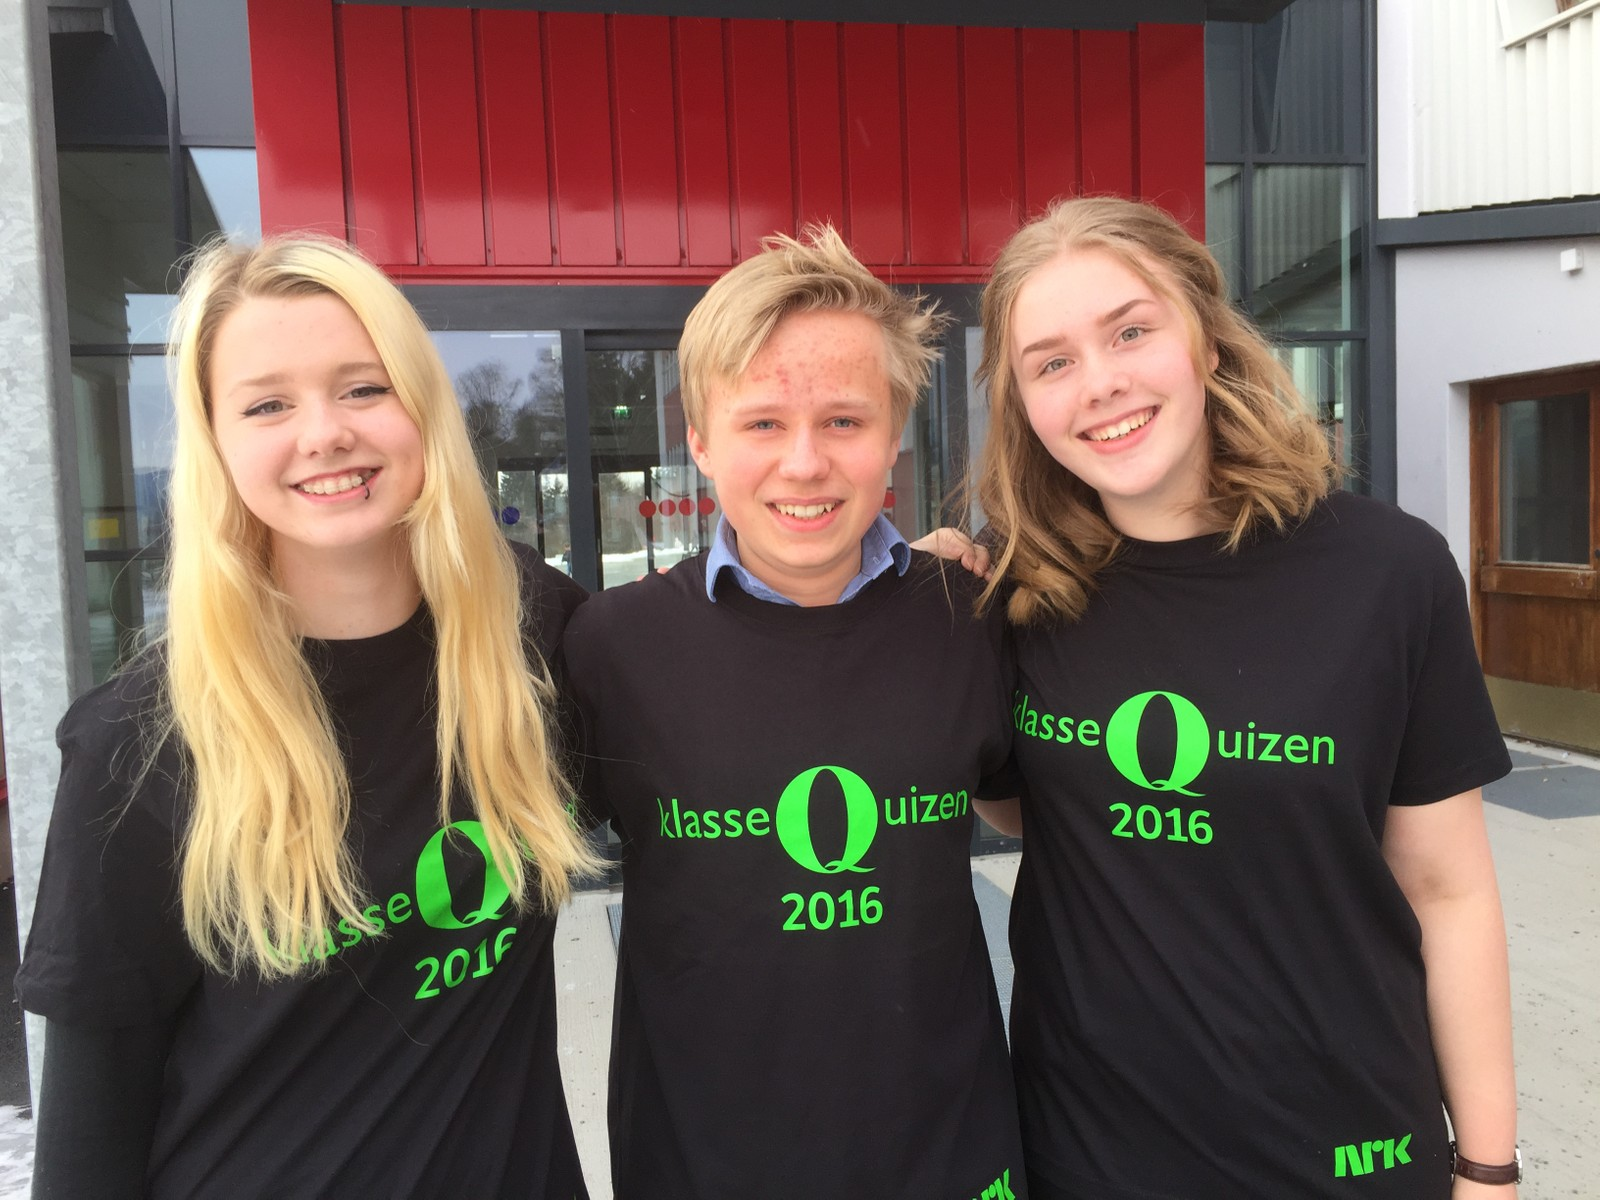 Det ble åtte poeng til William Seiner, Emilie Kristoffersen og Ingeborg Bratvold ved Jevnaker skole.